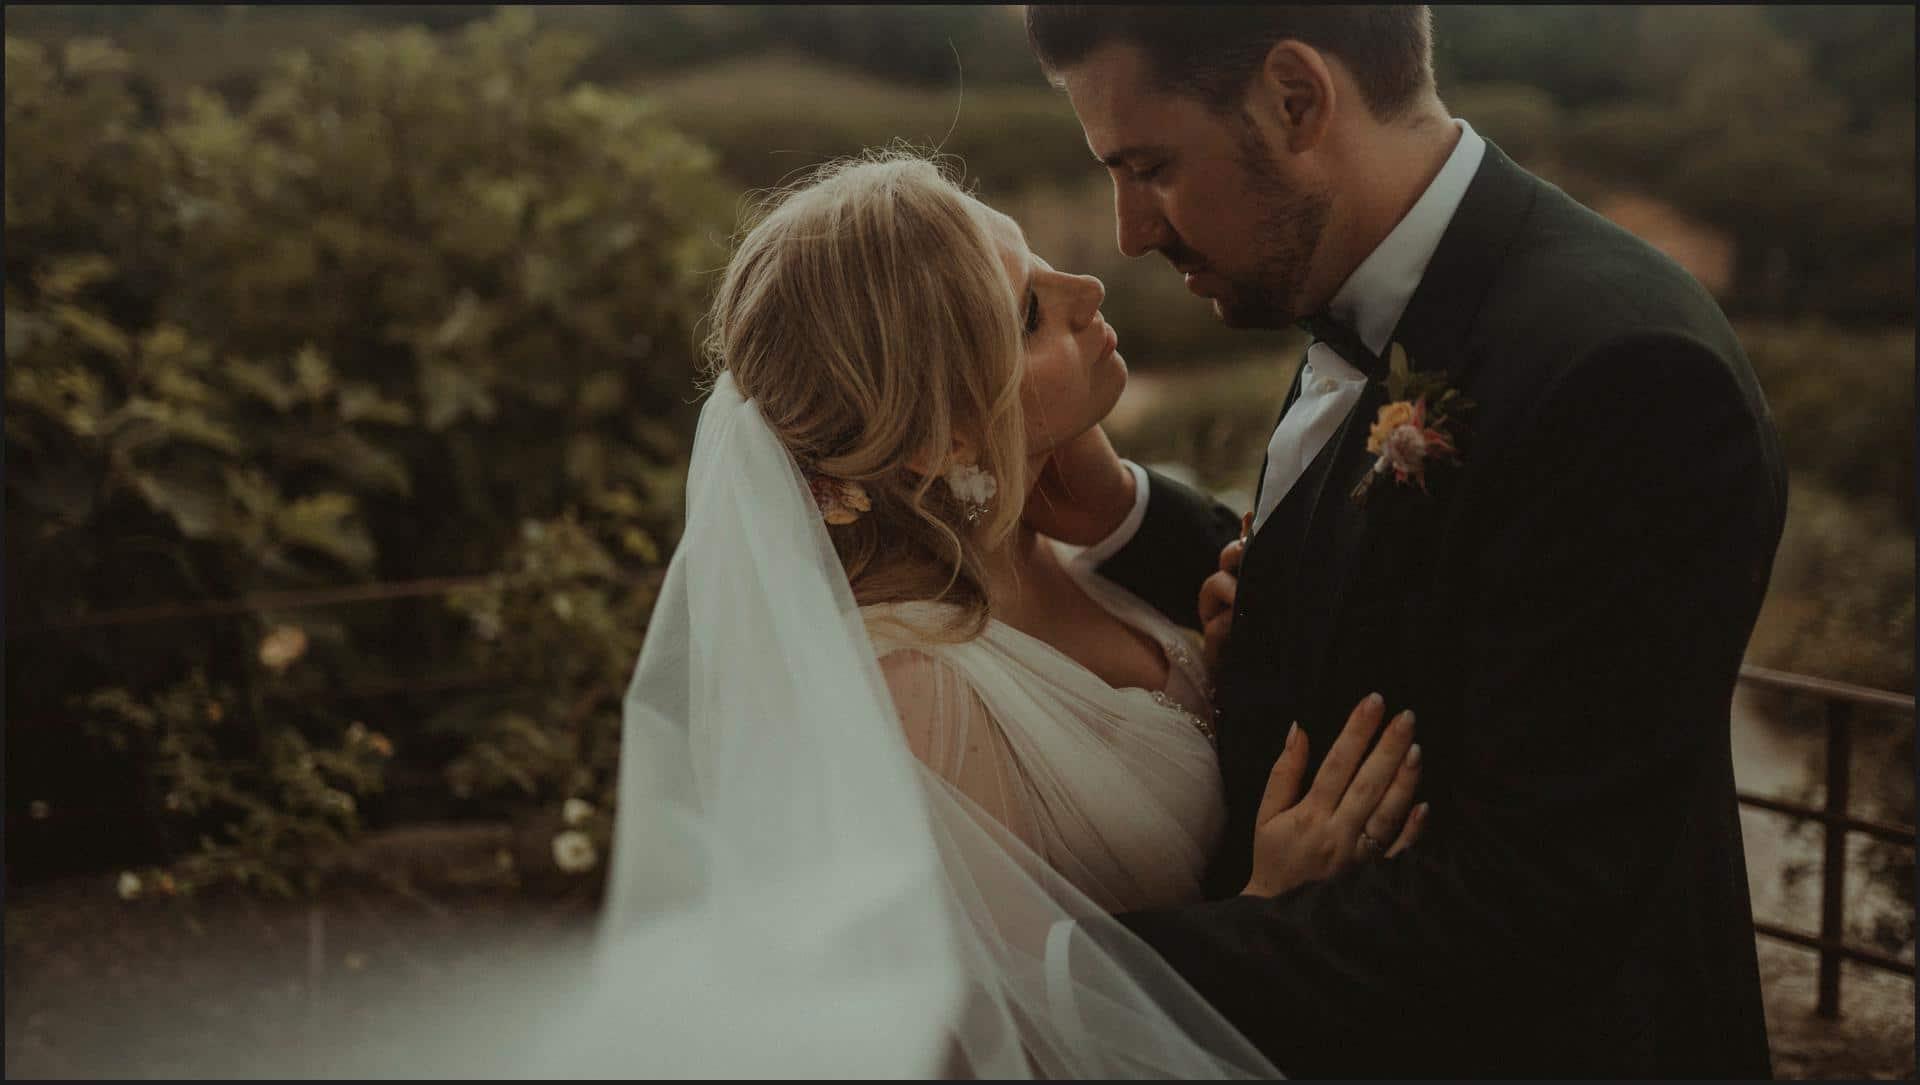 borgo di tragliata, wedding, rome, wedding in rome, bride and groom, destination wedding, rome wedding photographer, italy wedding photographer